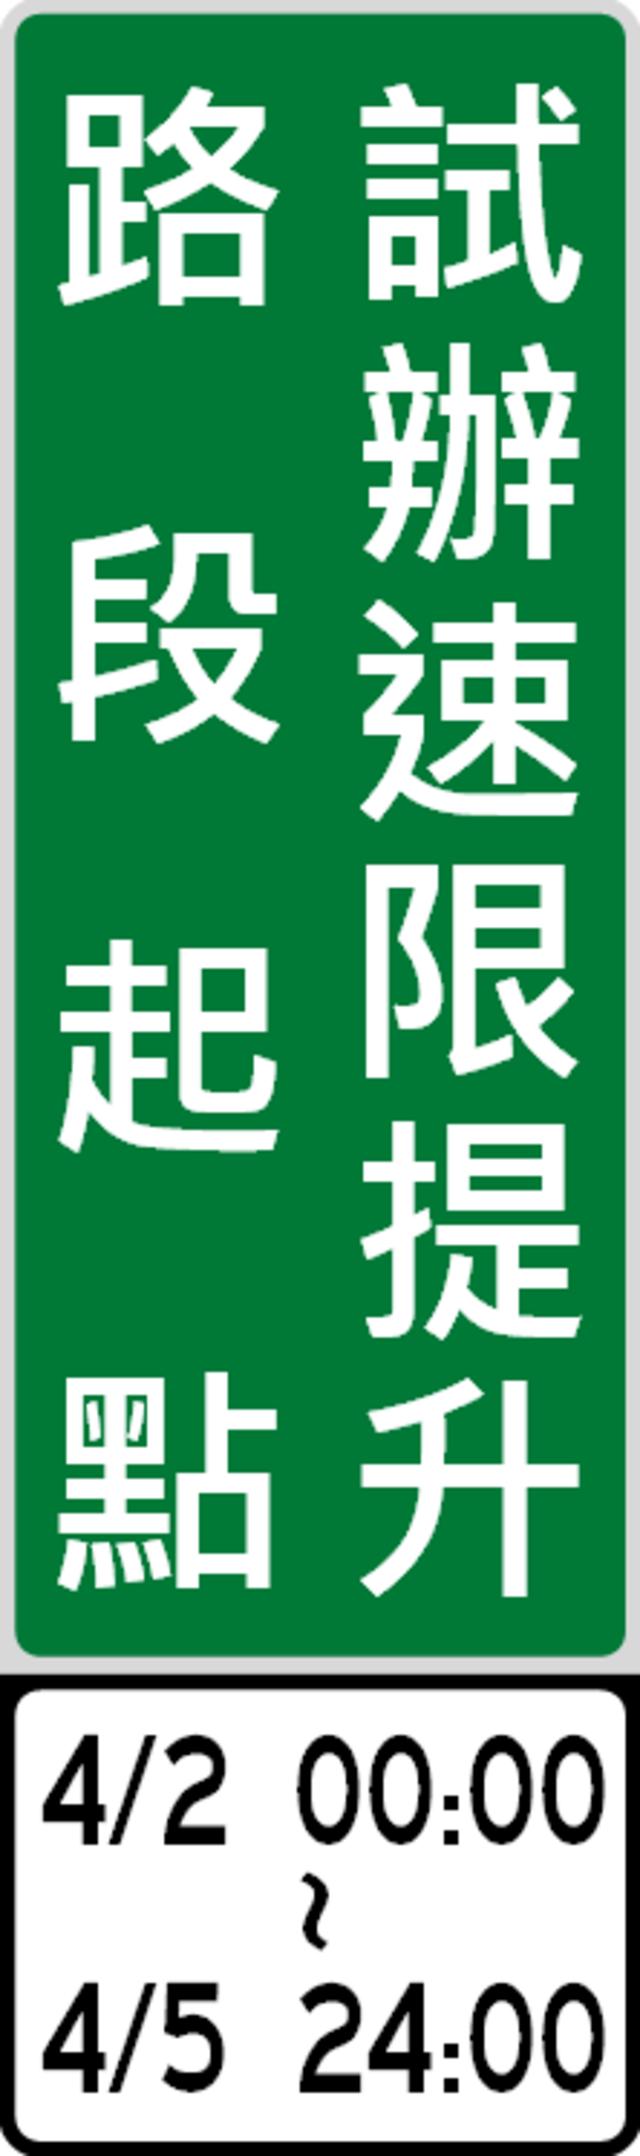 清明連假怕塞車! 蘇花改、南迴改2路段提速至70公里 | 公總提醒,試辦路段起點以告示牌為準。(公路總局提供)